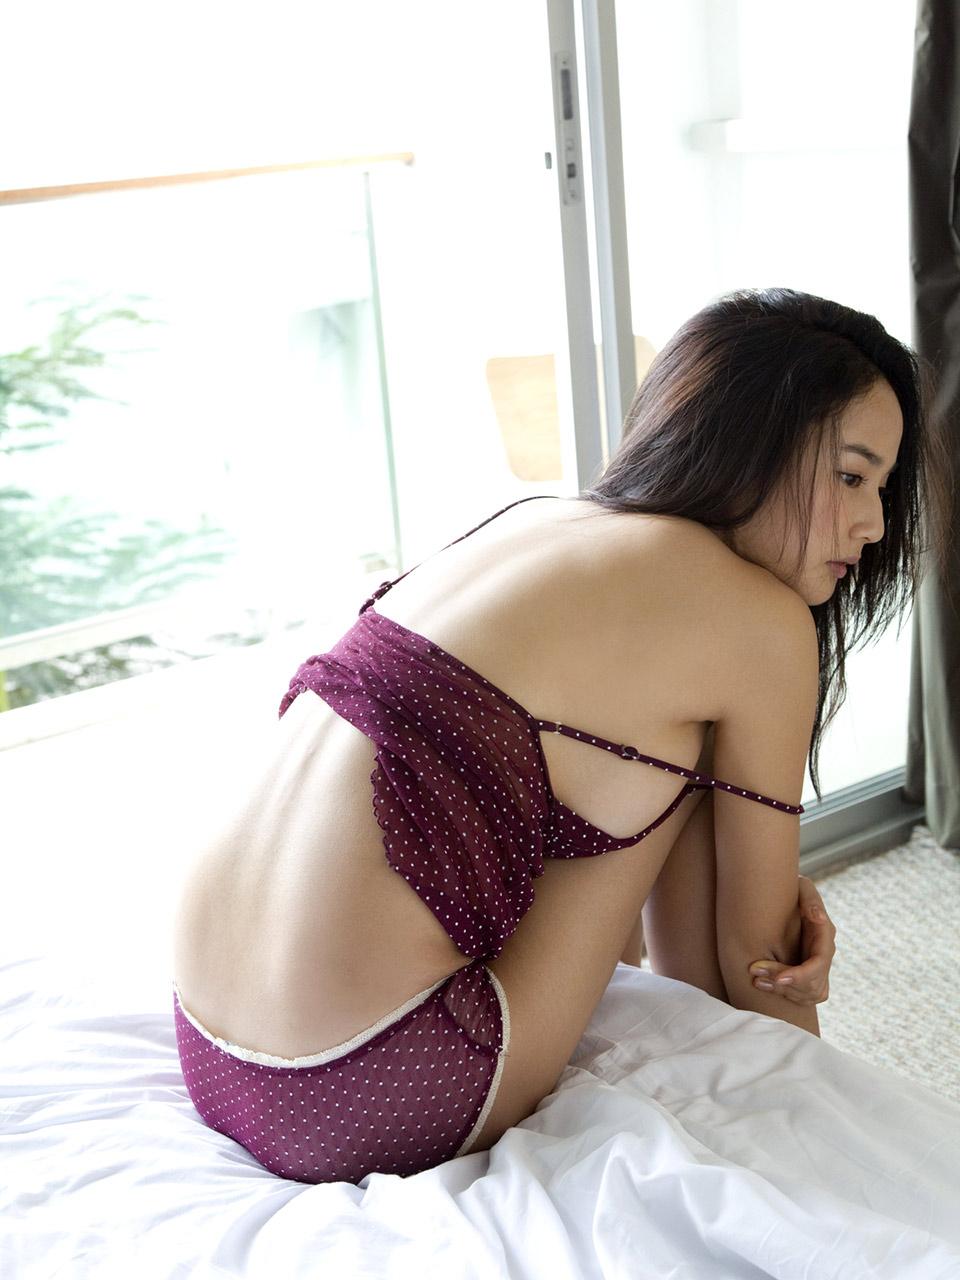 kaho takashima sexy bikini pics 02